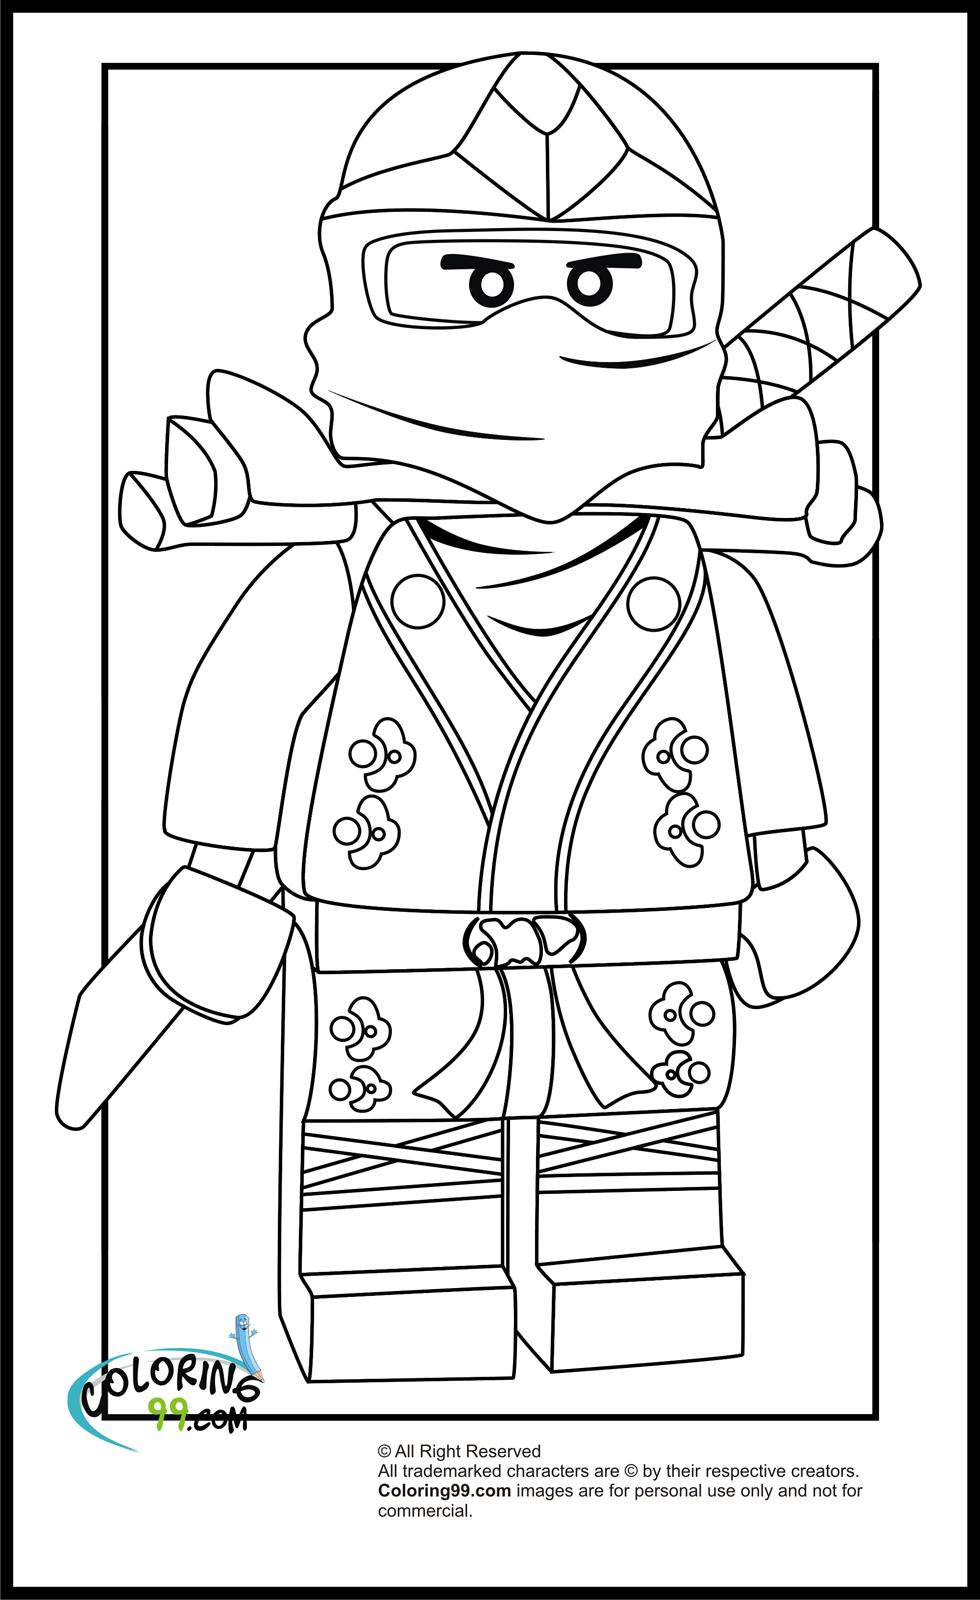 ninjago coloring pages printable lego ninjago lloyd the green ninja coloring pages team pages ninjago printable coloring